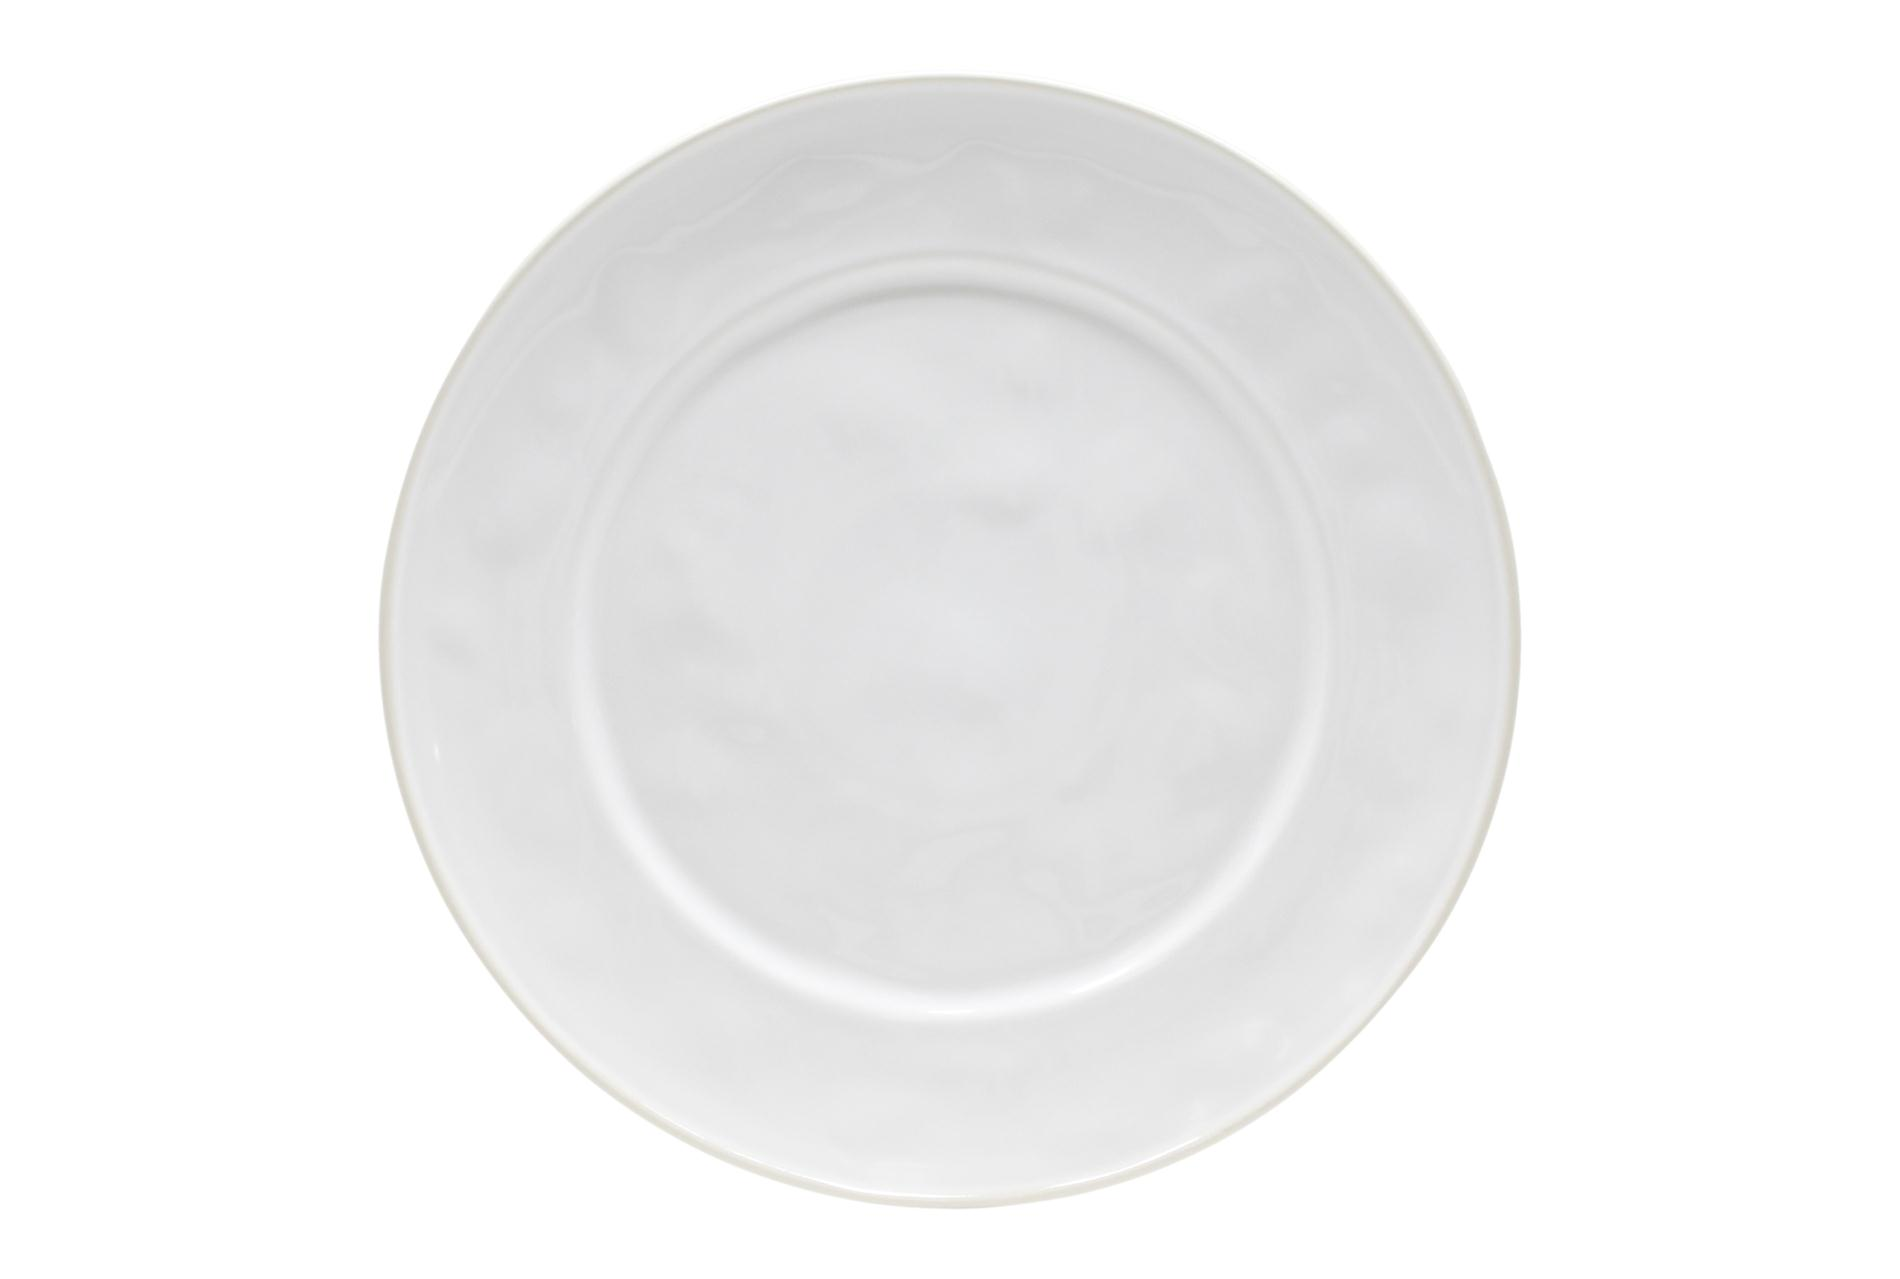 Platzteller Astoria, weiß, 33 cm